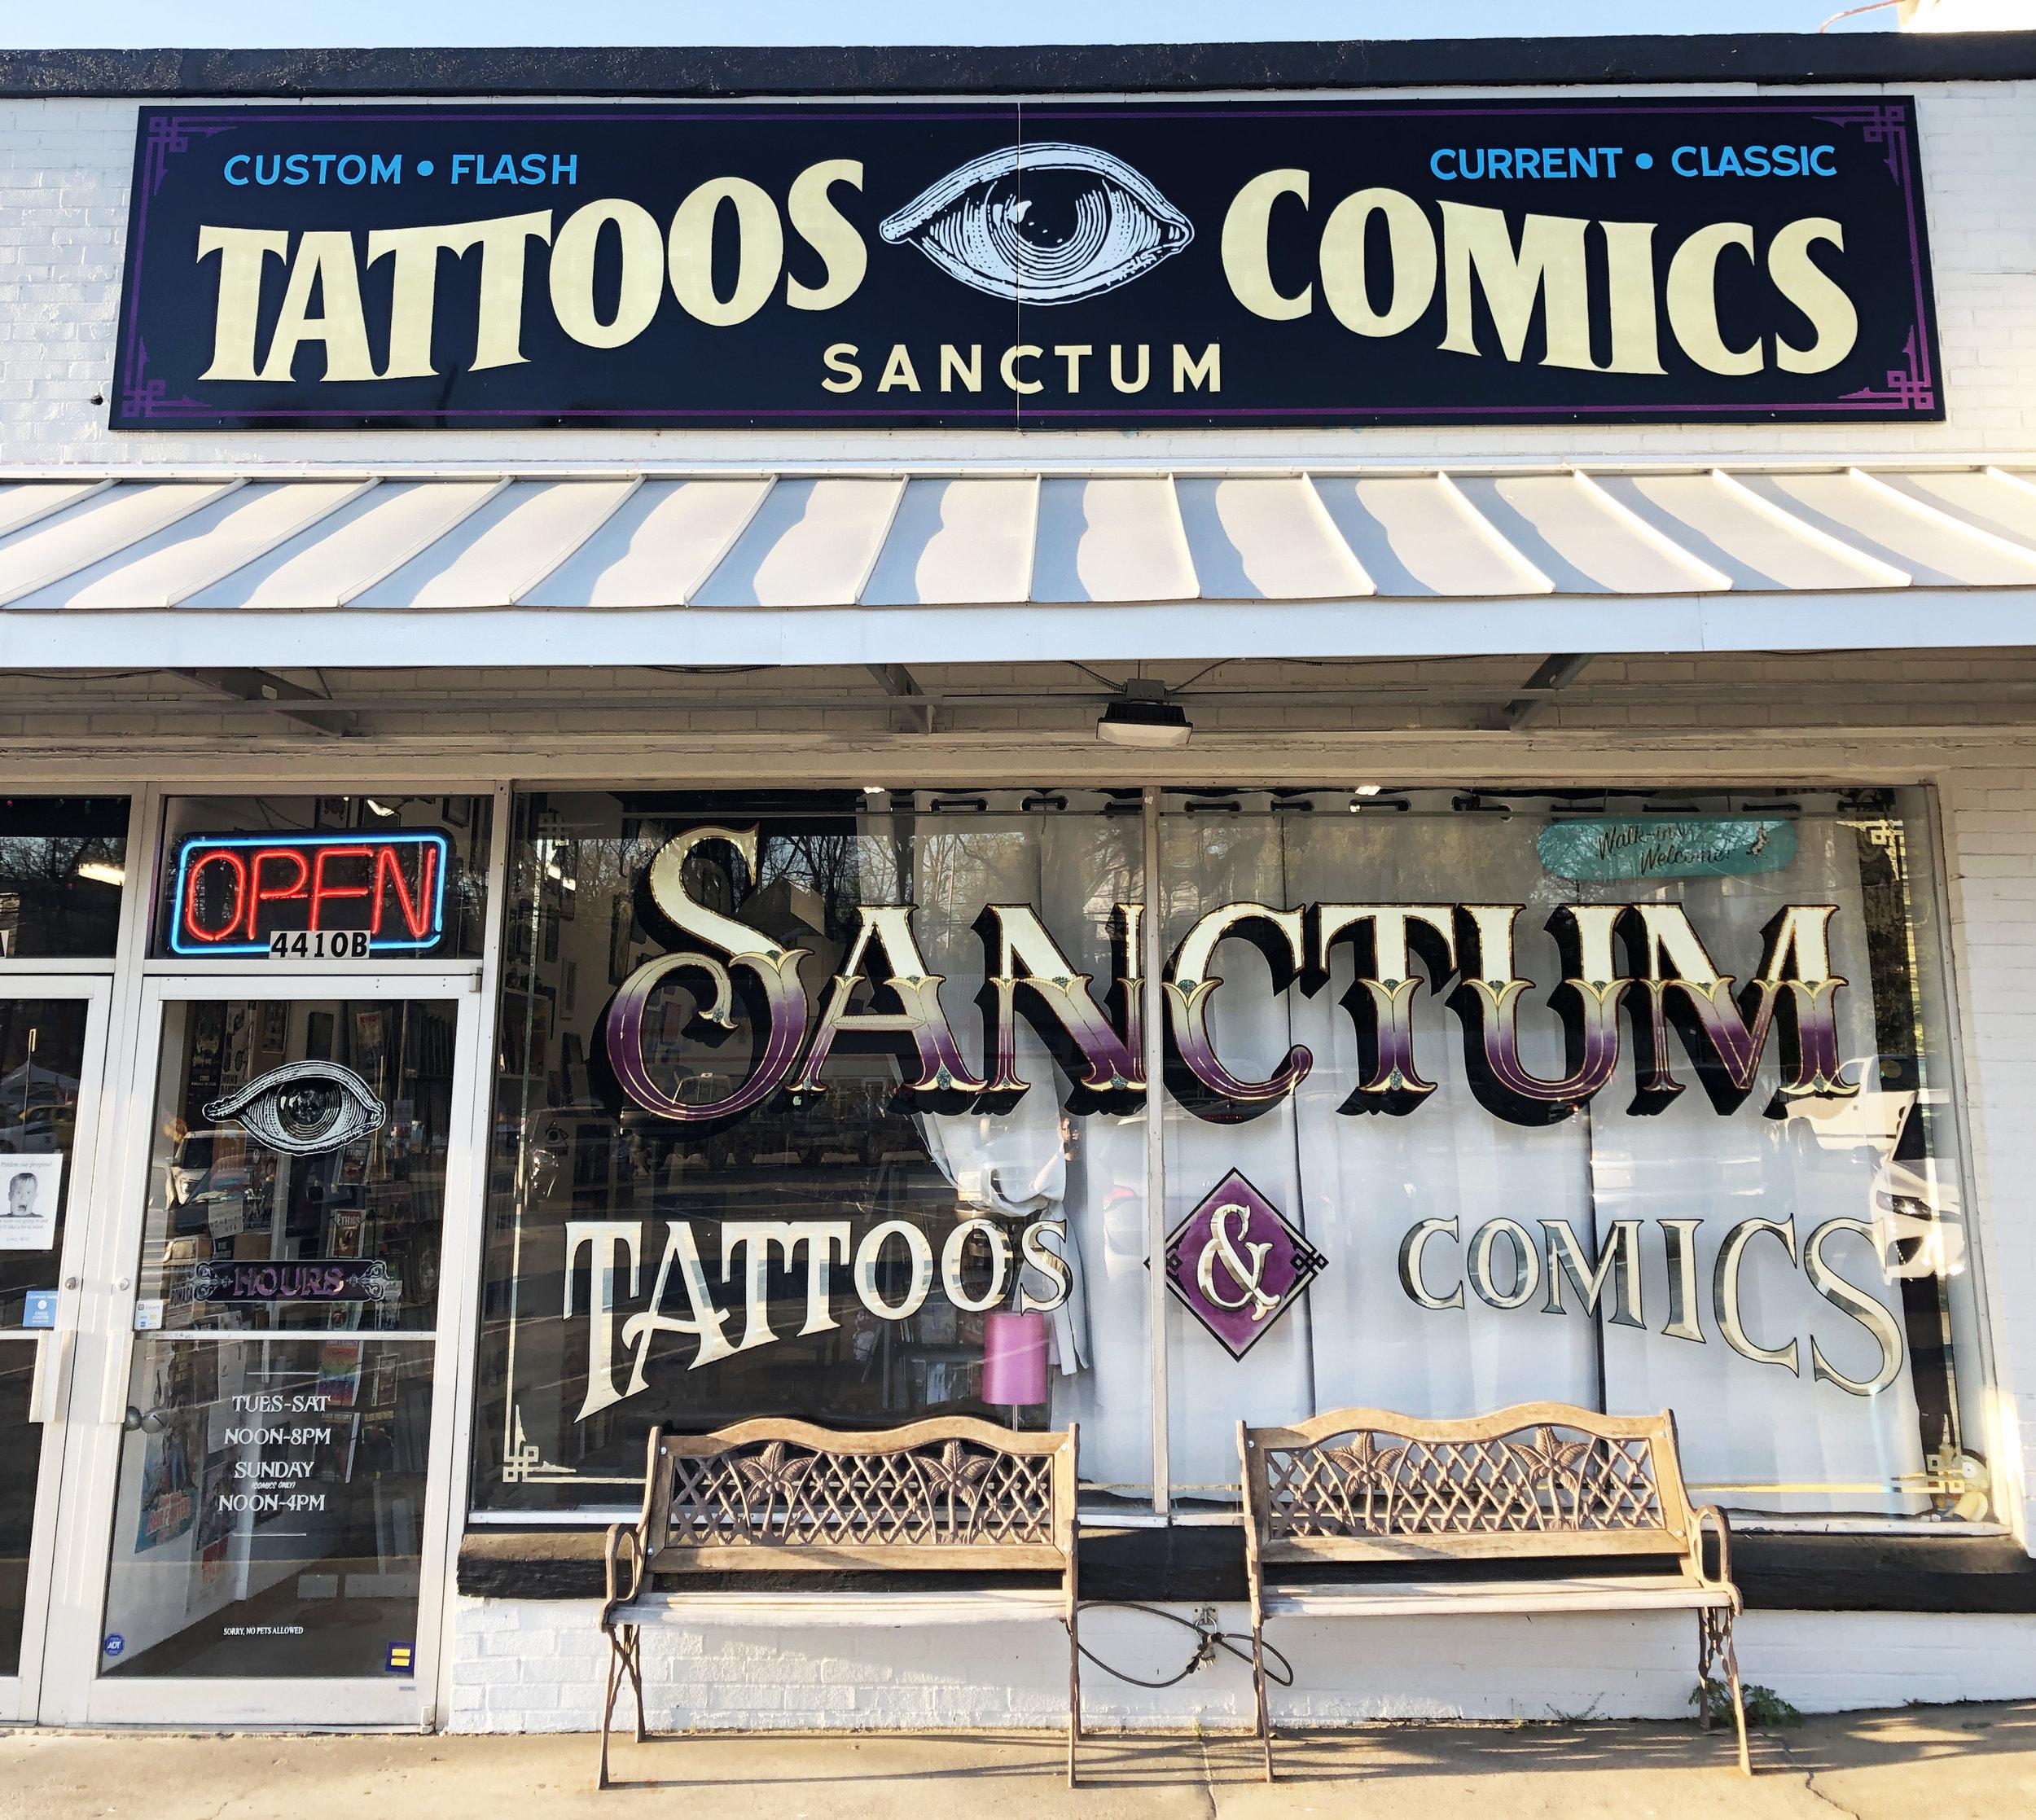 Sanctum Tattoos and Comics